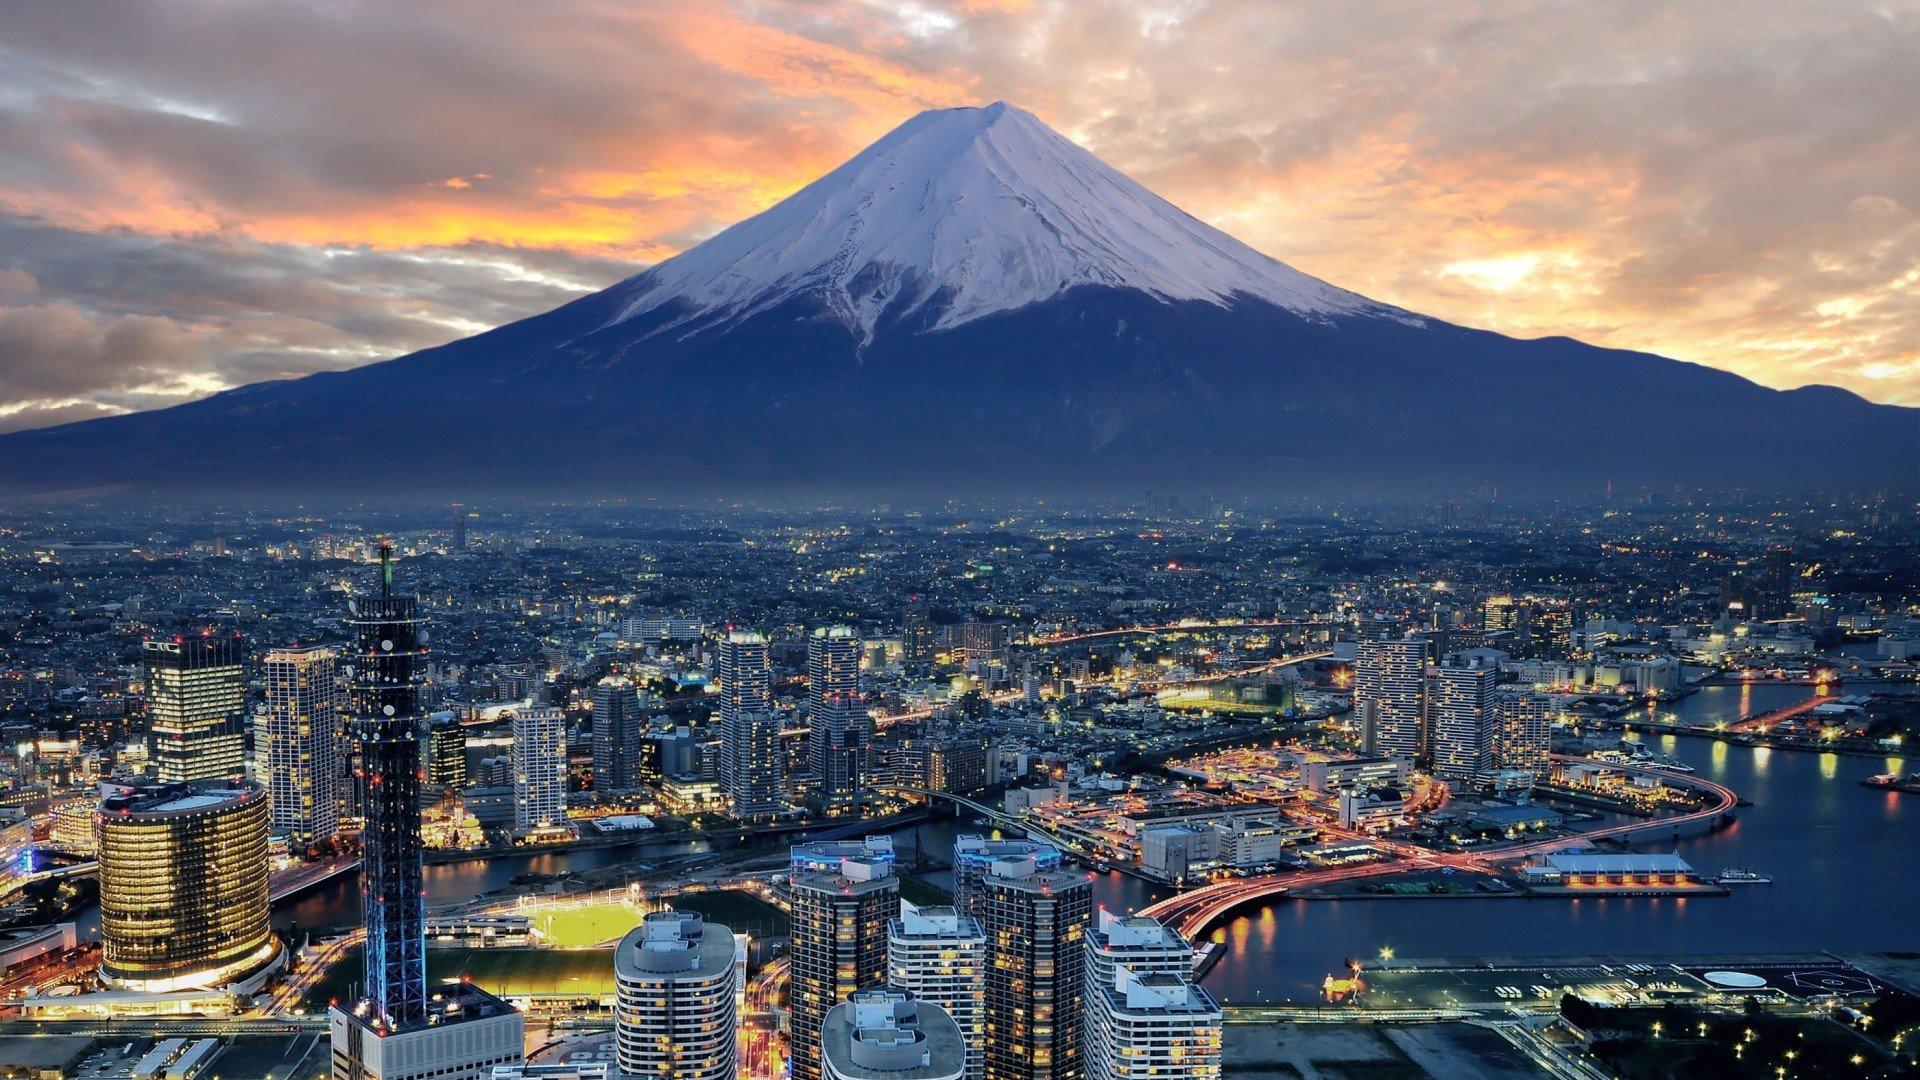 Япония планирует ввести туристический налог вобъеме $9 с2019 года